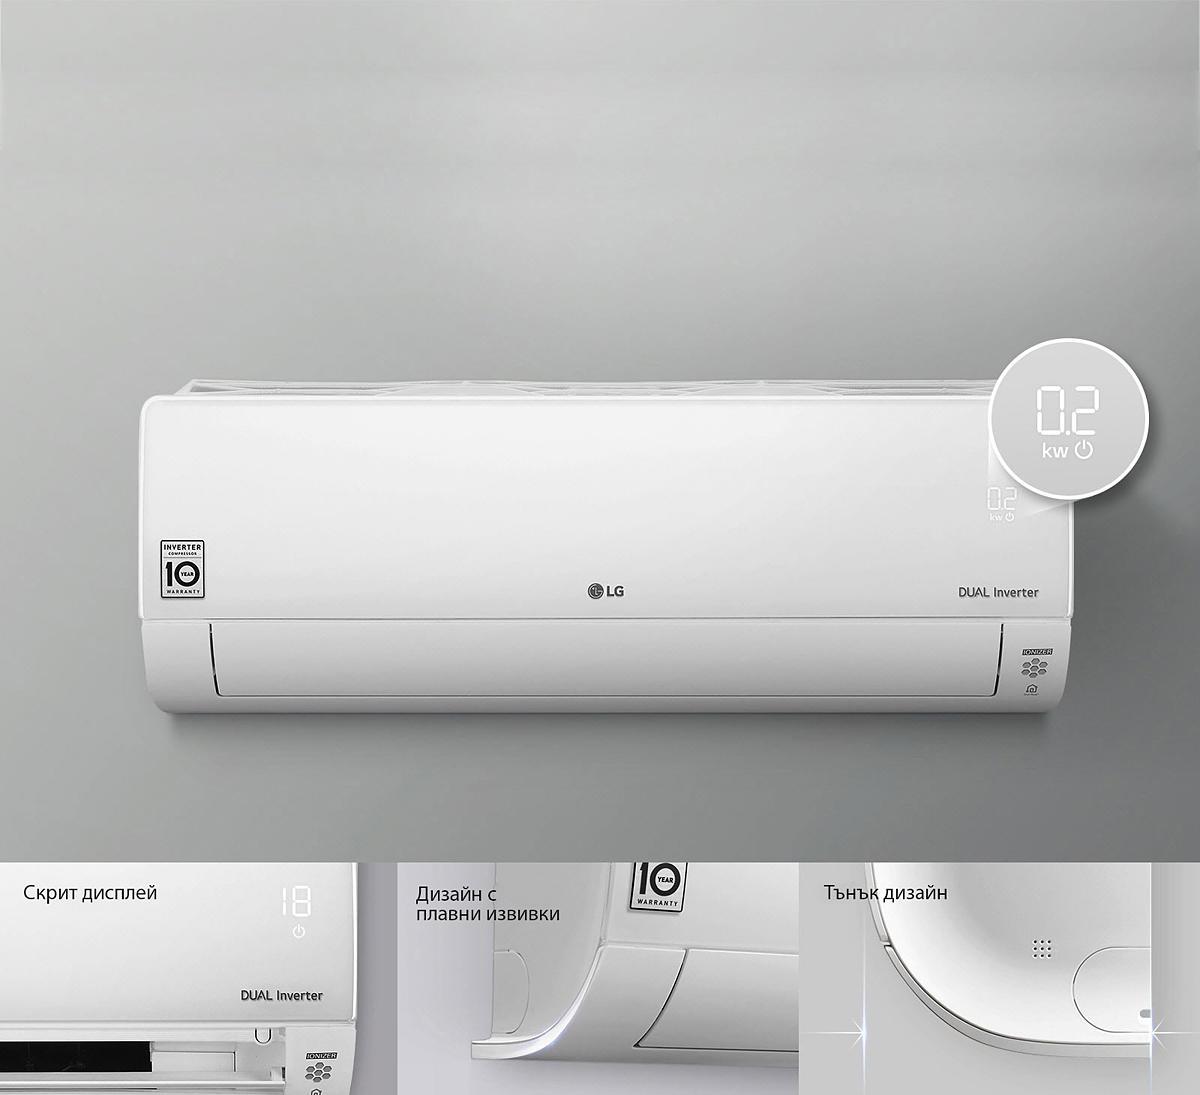 Изчистен и модерен дизайн със скрит дисплей Тънкият и модерен дизайн на климатика на LG улеснява монтажа и удобното почистване с плъзгащия се EZ филтър. Освен това големият скрит дисплей е перфектен за удобна проверка на показанията за енергията.